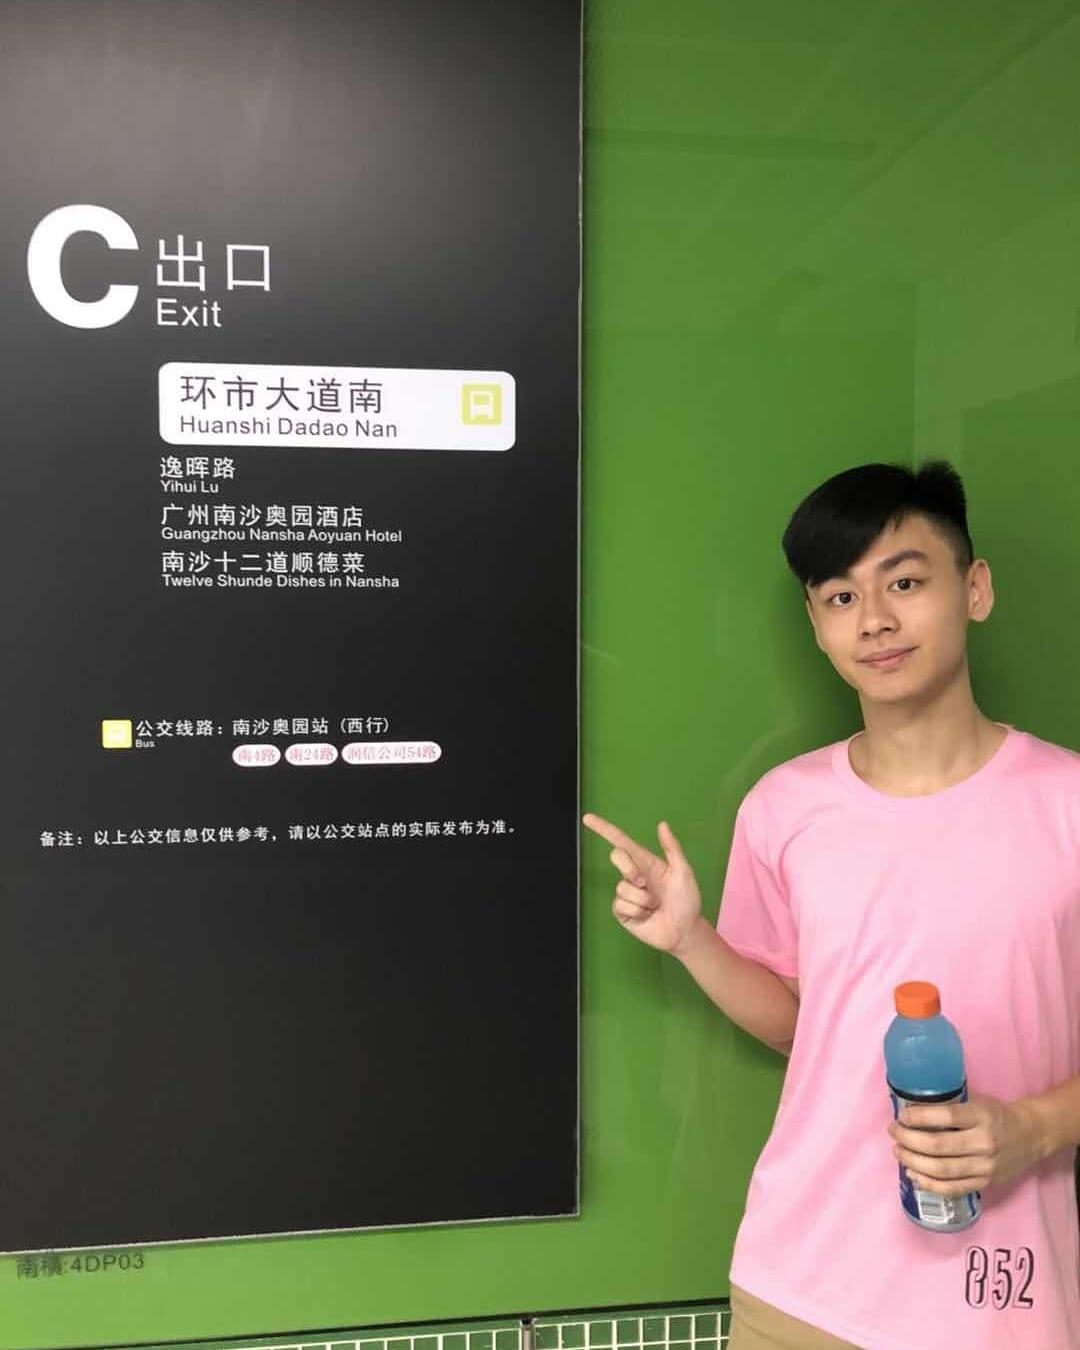 感言 | 劉浩璋 :「挑戰自己、擴闊眼界,向未來的發展進發!」